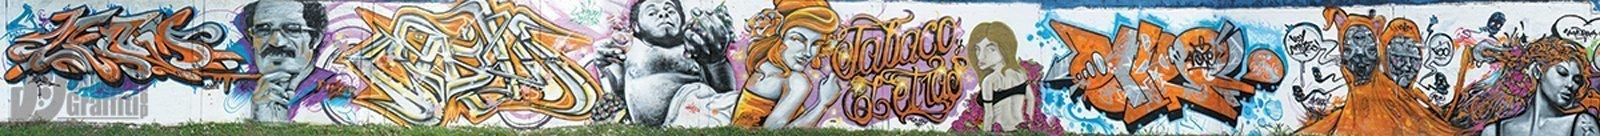 3-TCM-2010-CALI